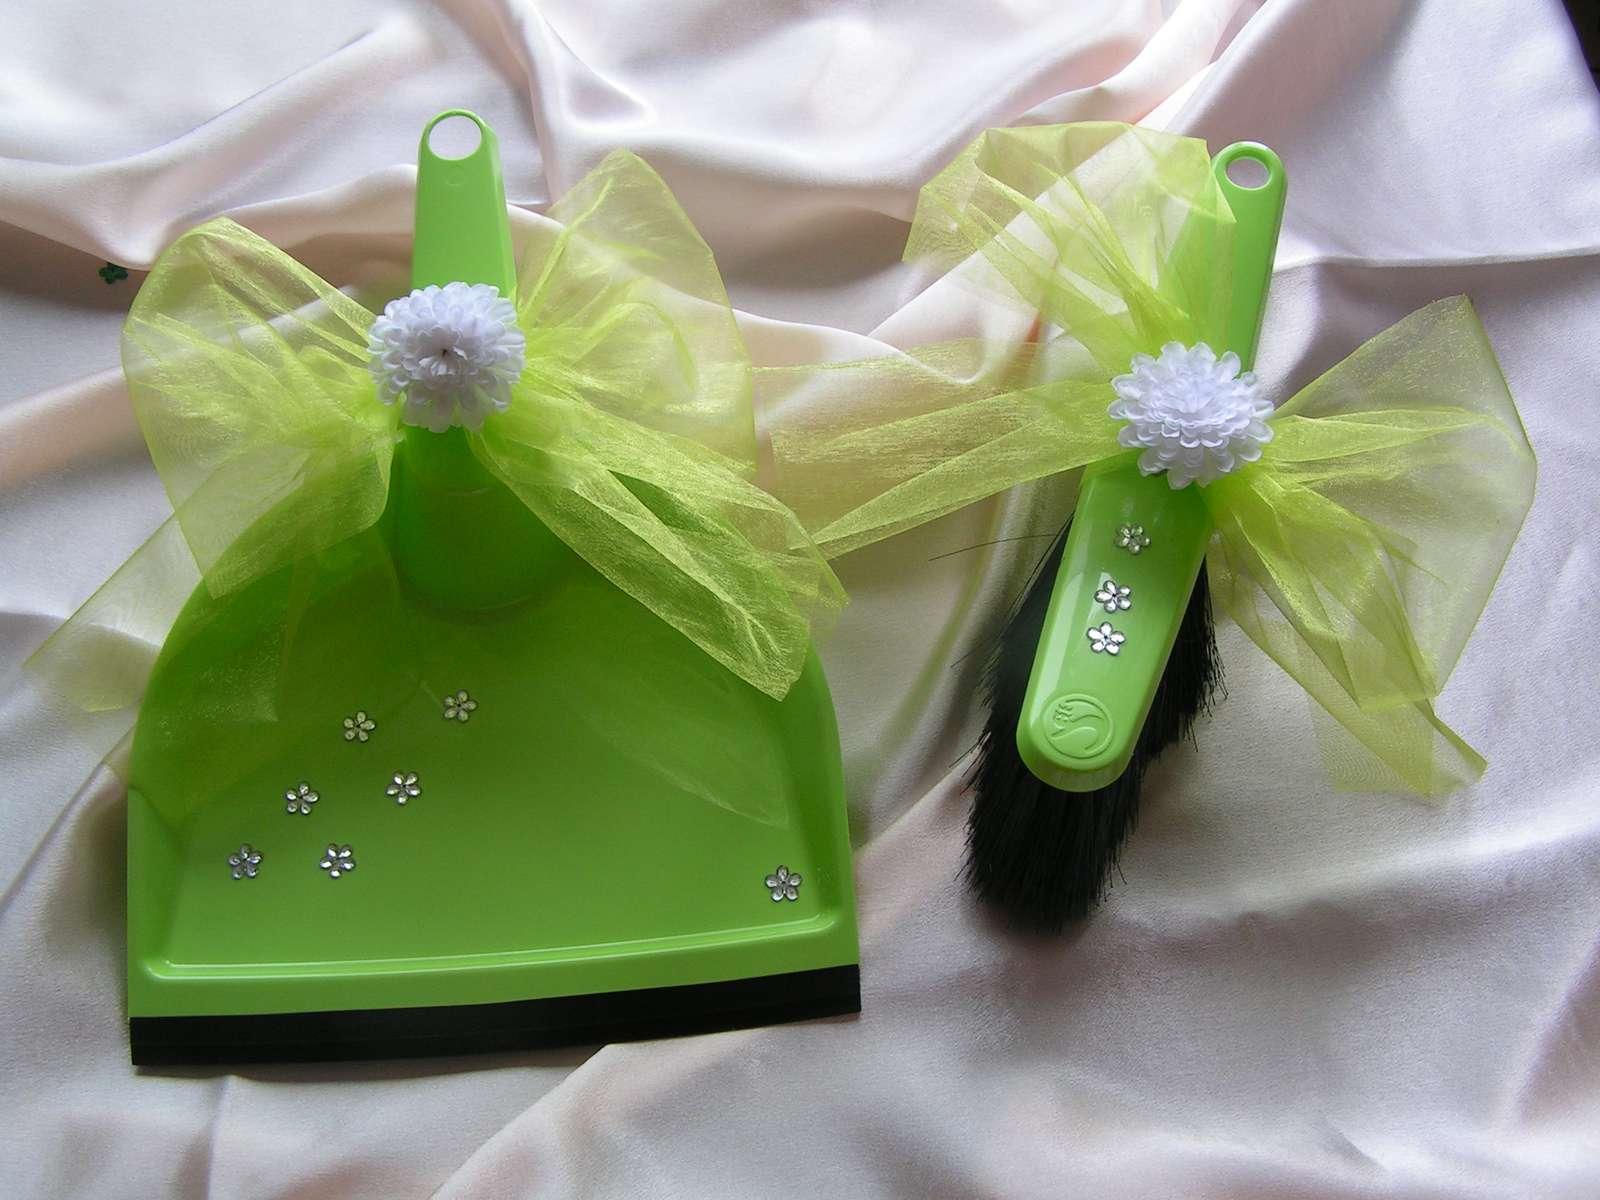 Zelená lopatka se smetáčkem - Obrázek č. 1